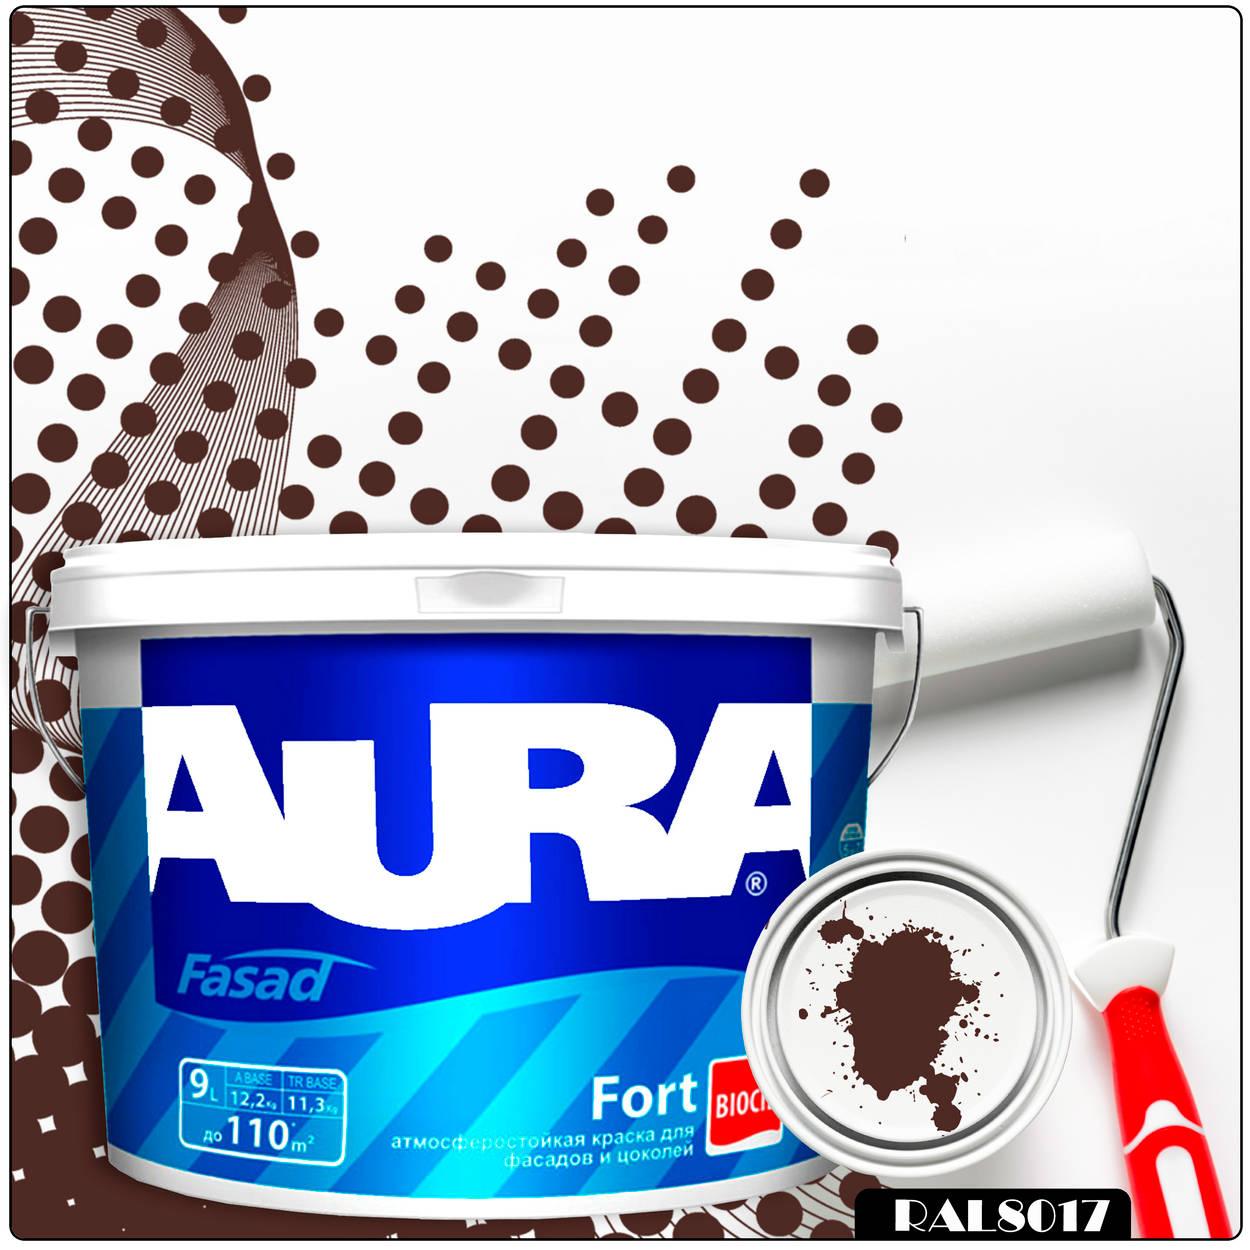 Фото 12 - Краска Aura Fasad Fort, RAL 8017 Шоколадно-коричневый, латексная, матовая, для фасада и цоколей, 9л, Аура.